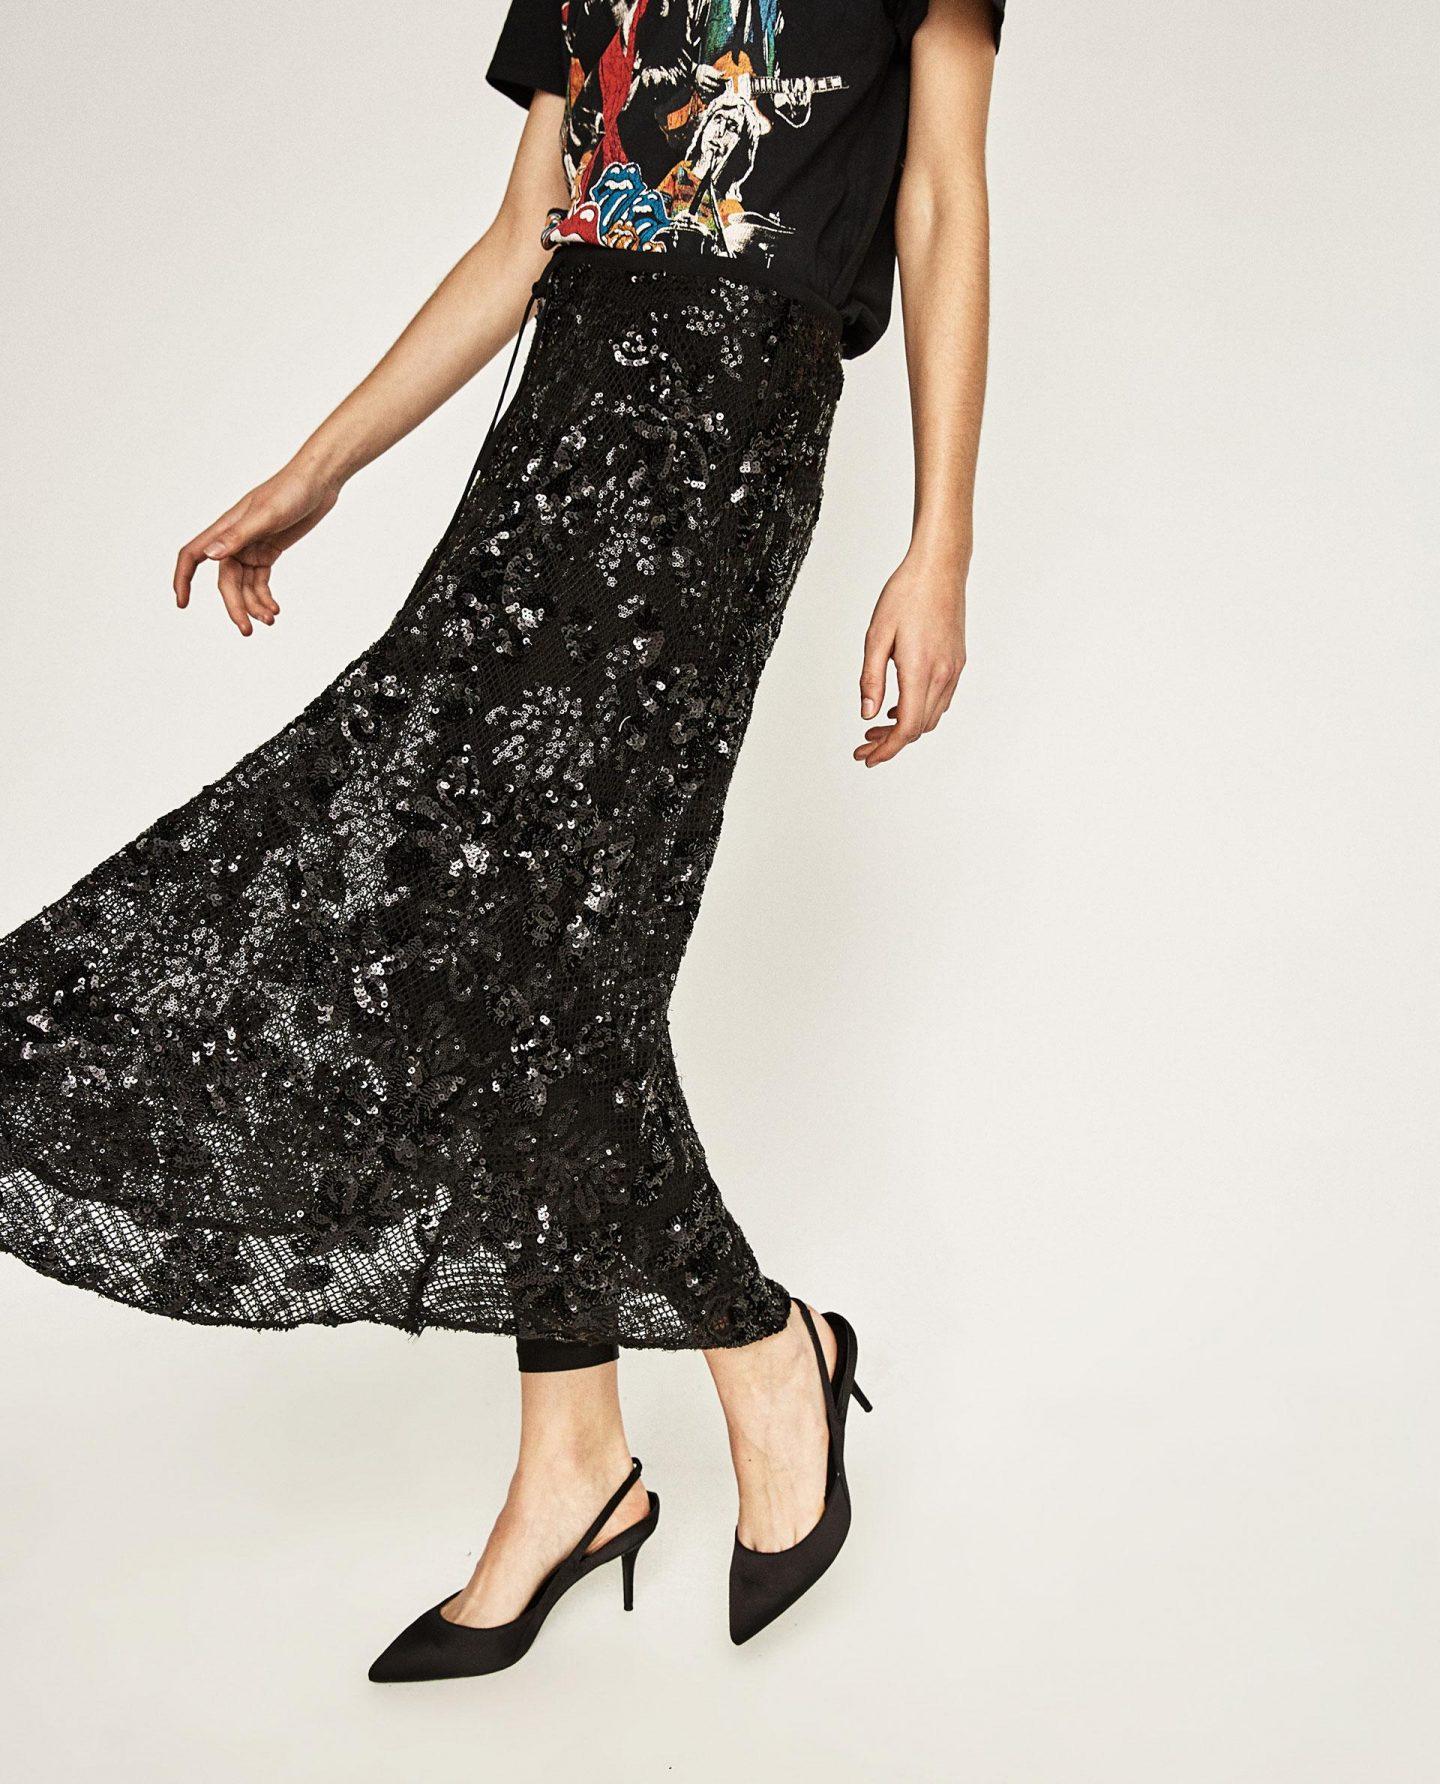 Zara equin Skirt w Leggings